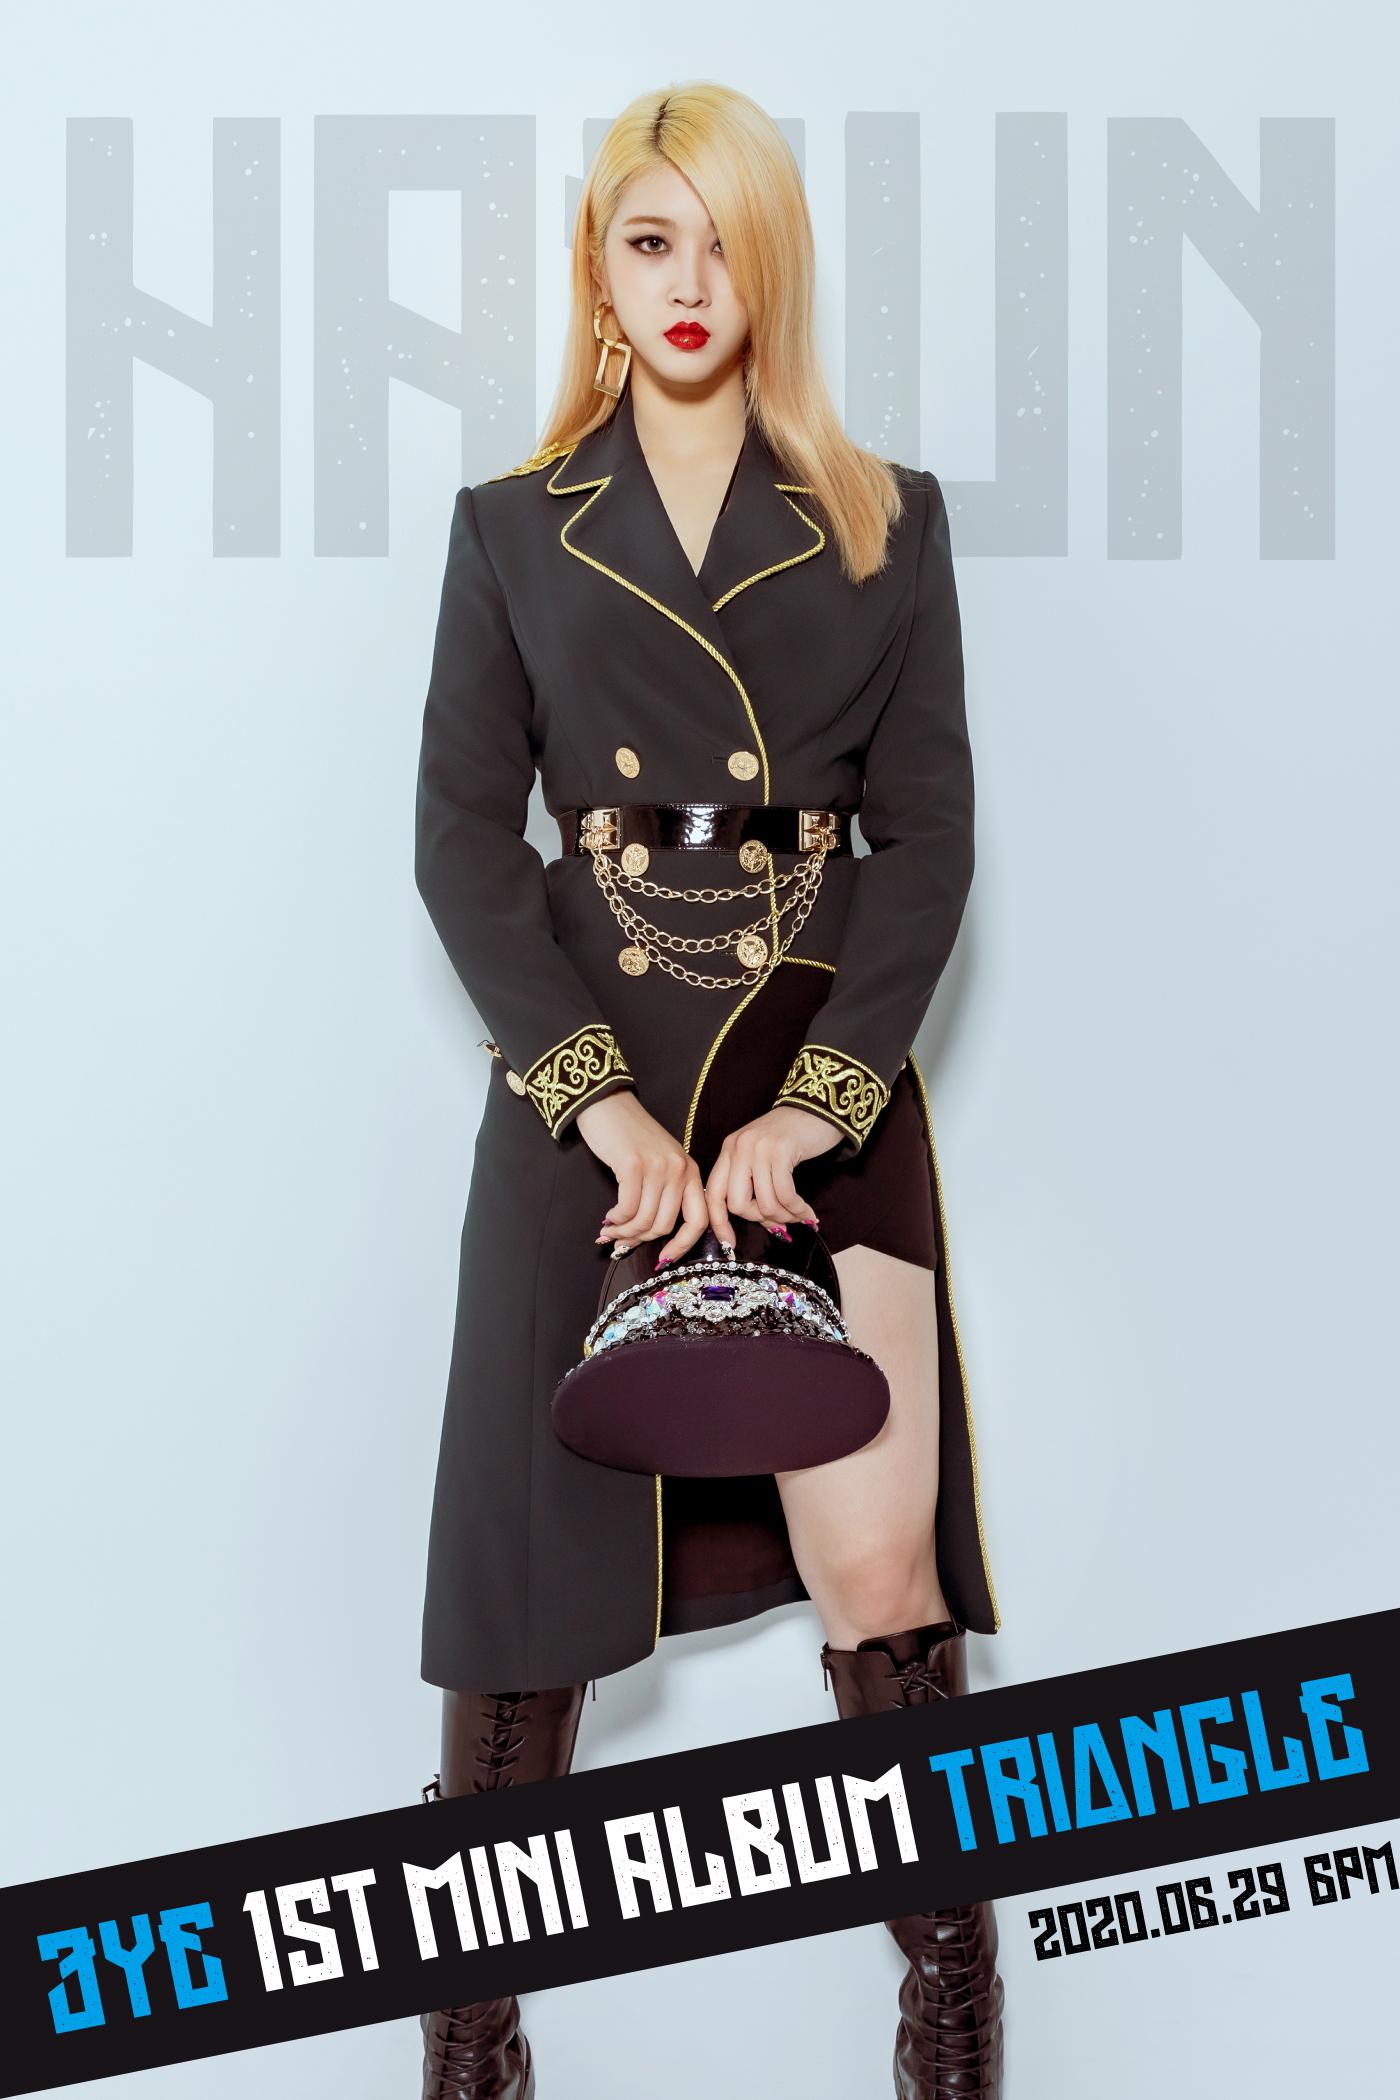 Haeun (3YE)